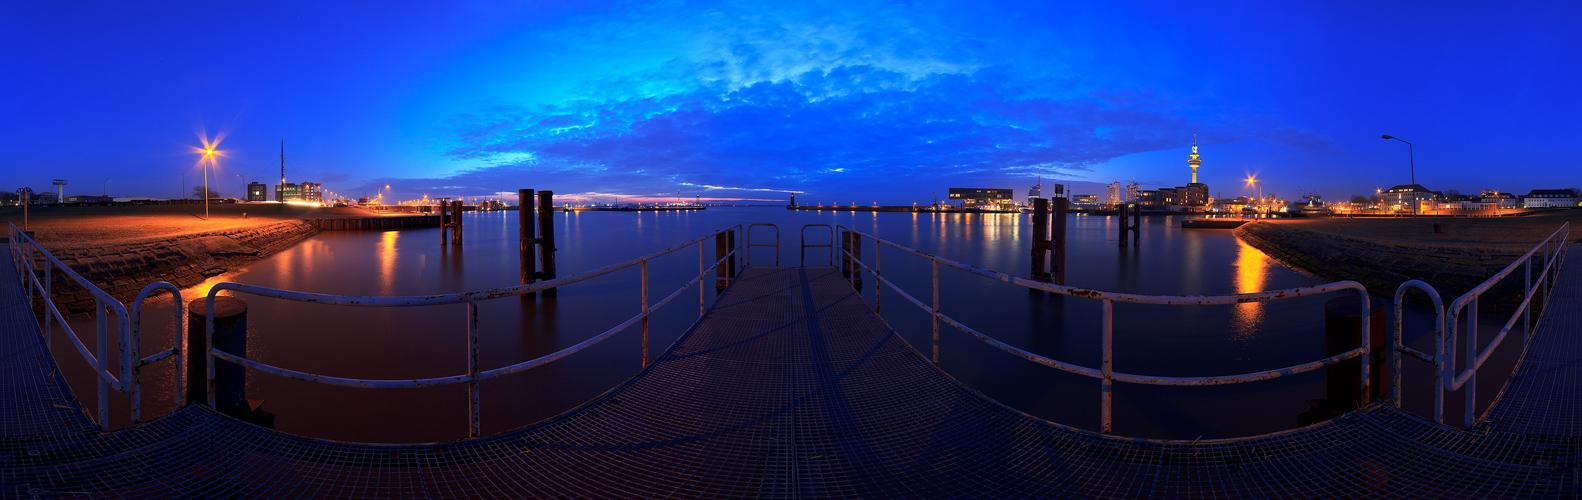 Geestevorhafen...